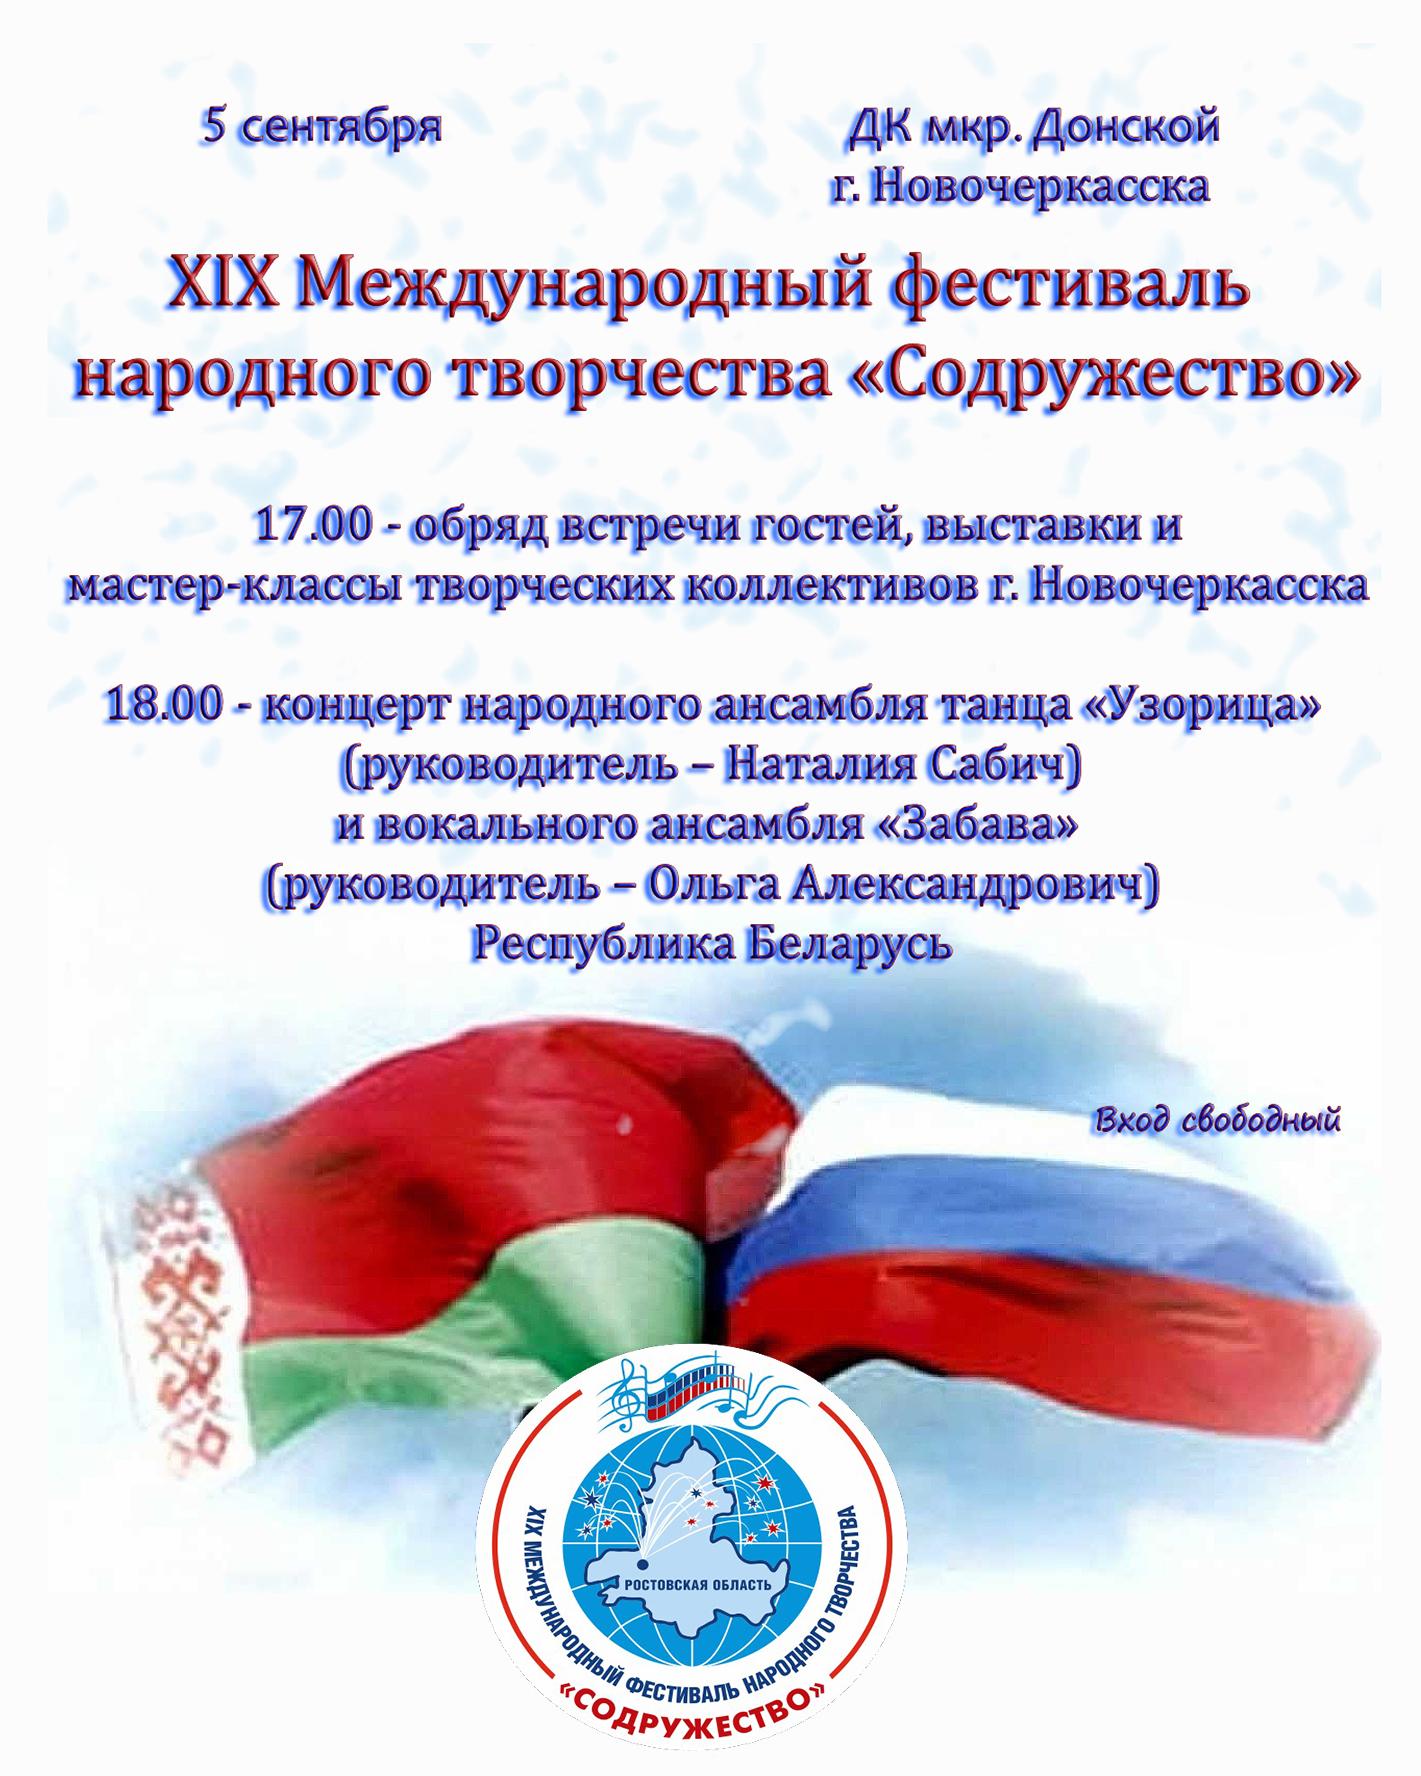 """XIX Международный фестиваль """"Содружество"""" пройдёт в ДК микрорайона Донской"""